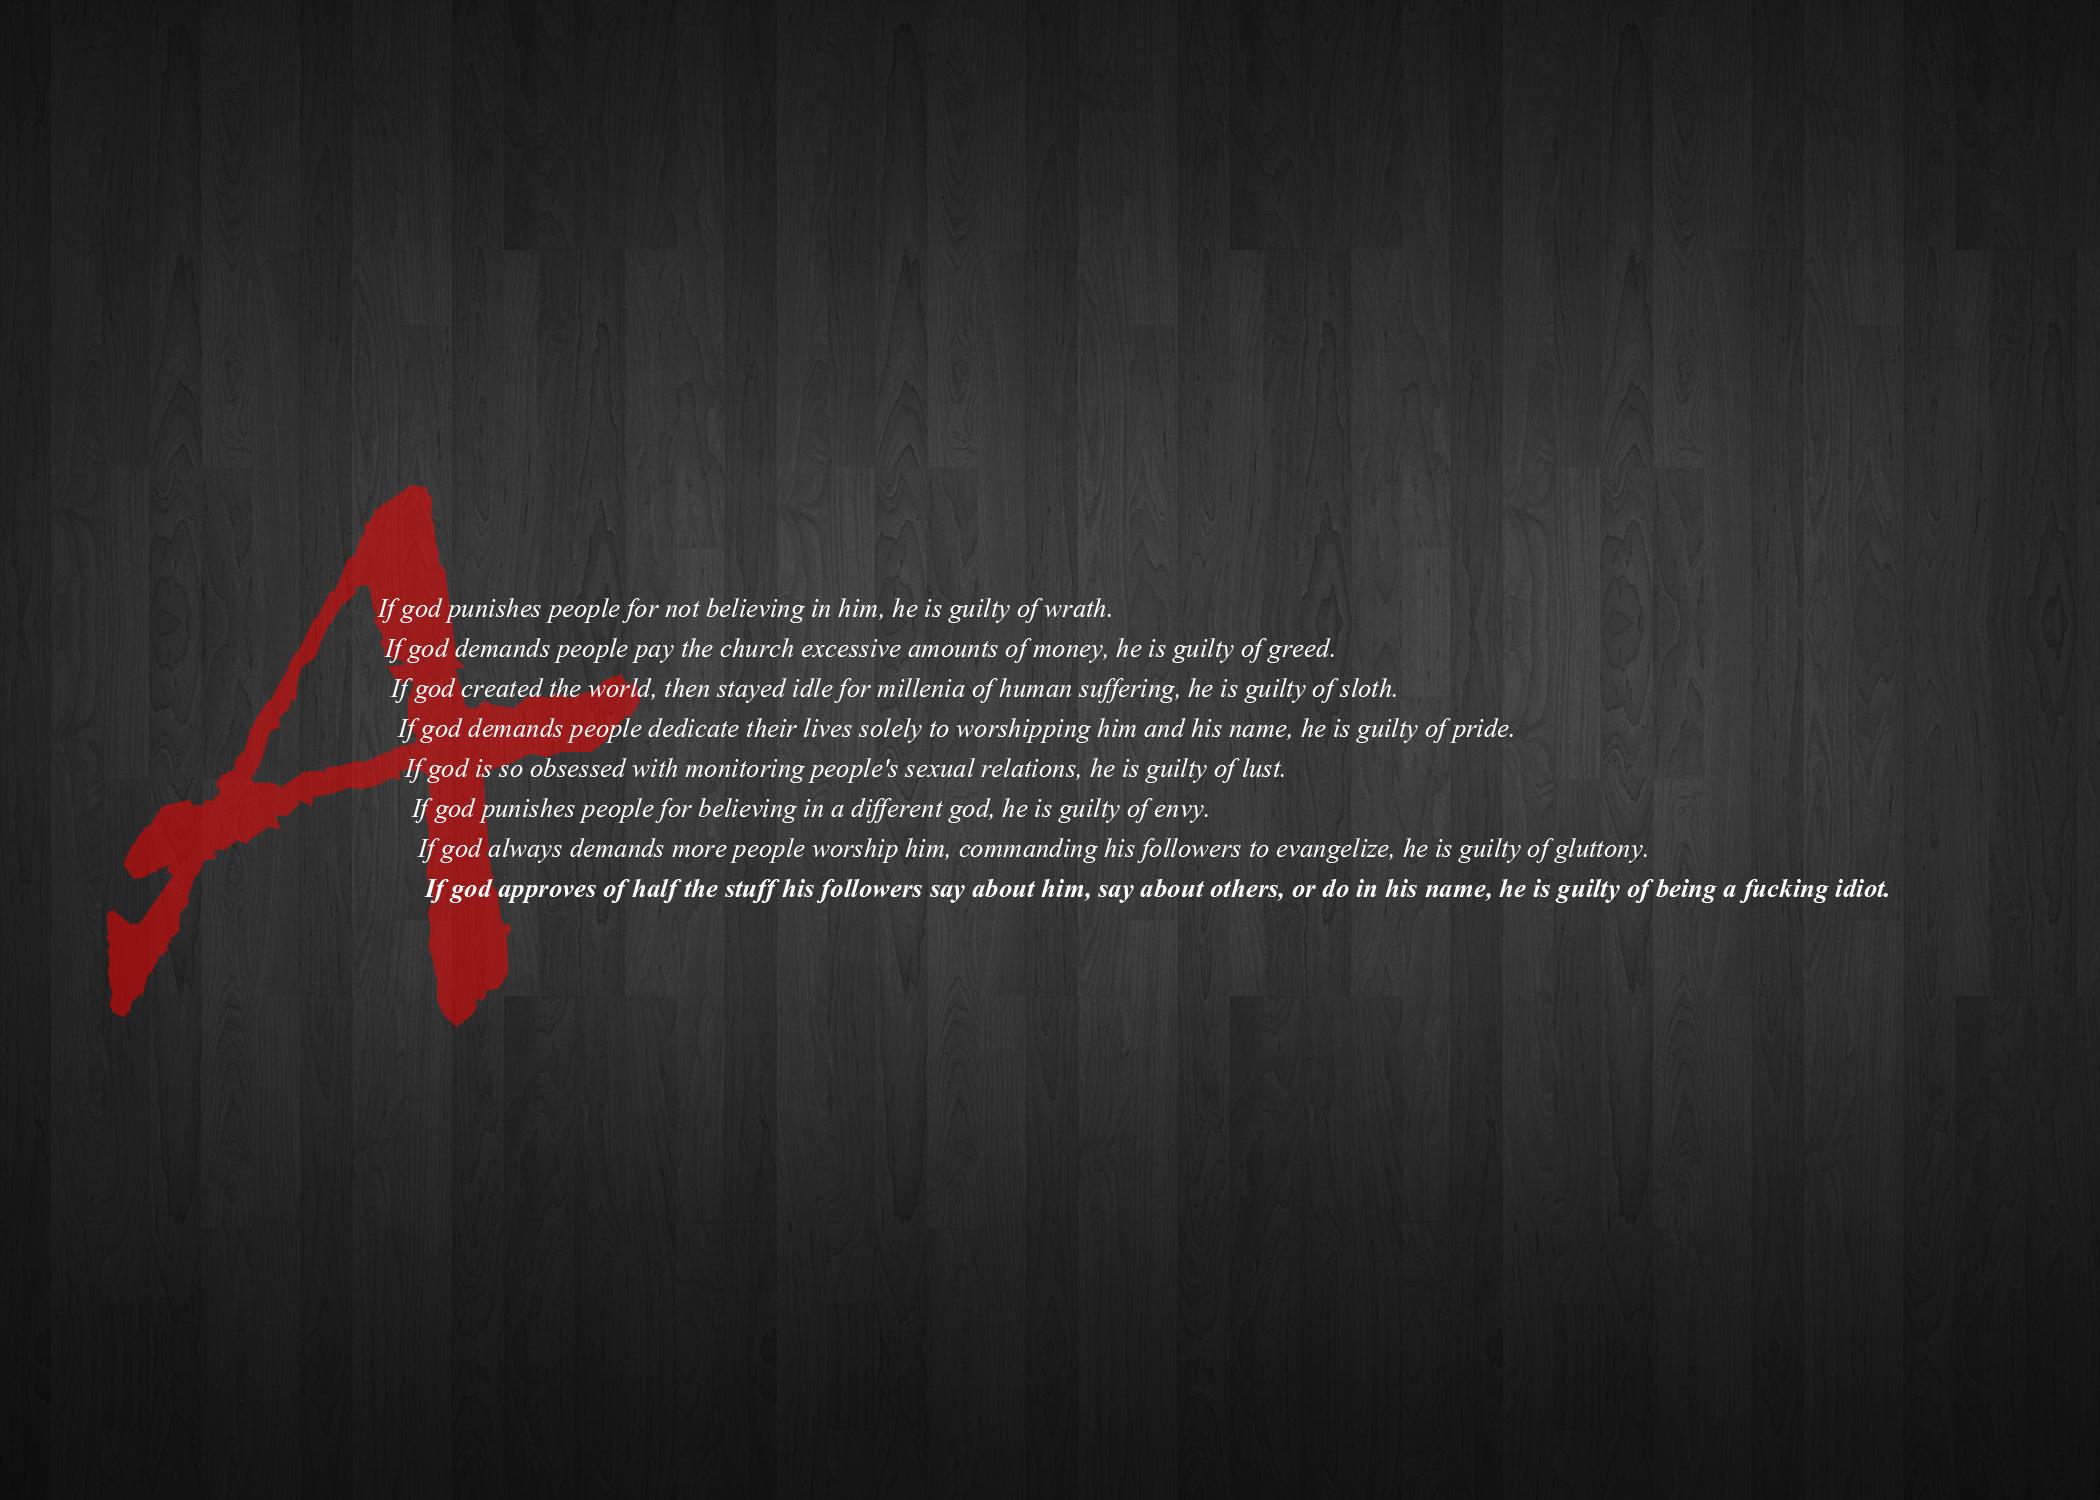 Atheism computer wallpapers desktop backgrounds 2100x1500 - Atheist desktop wallpaper ...